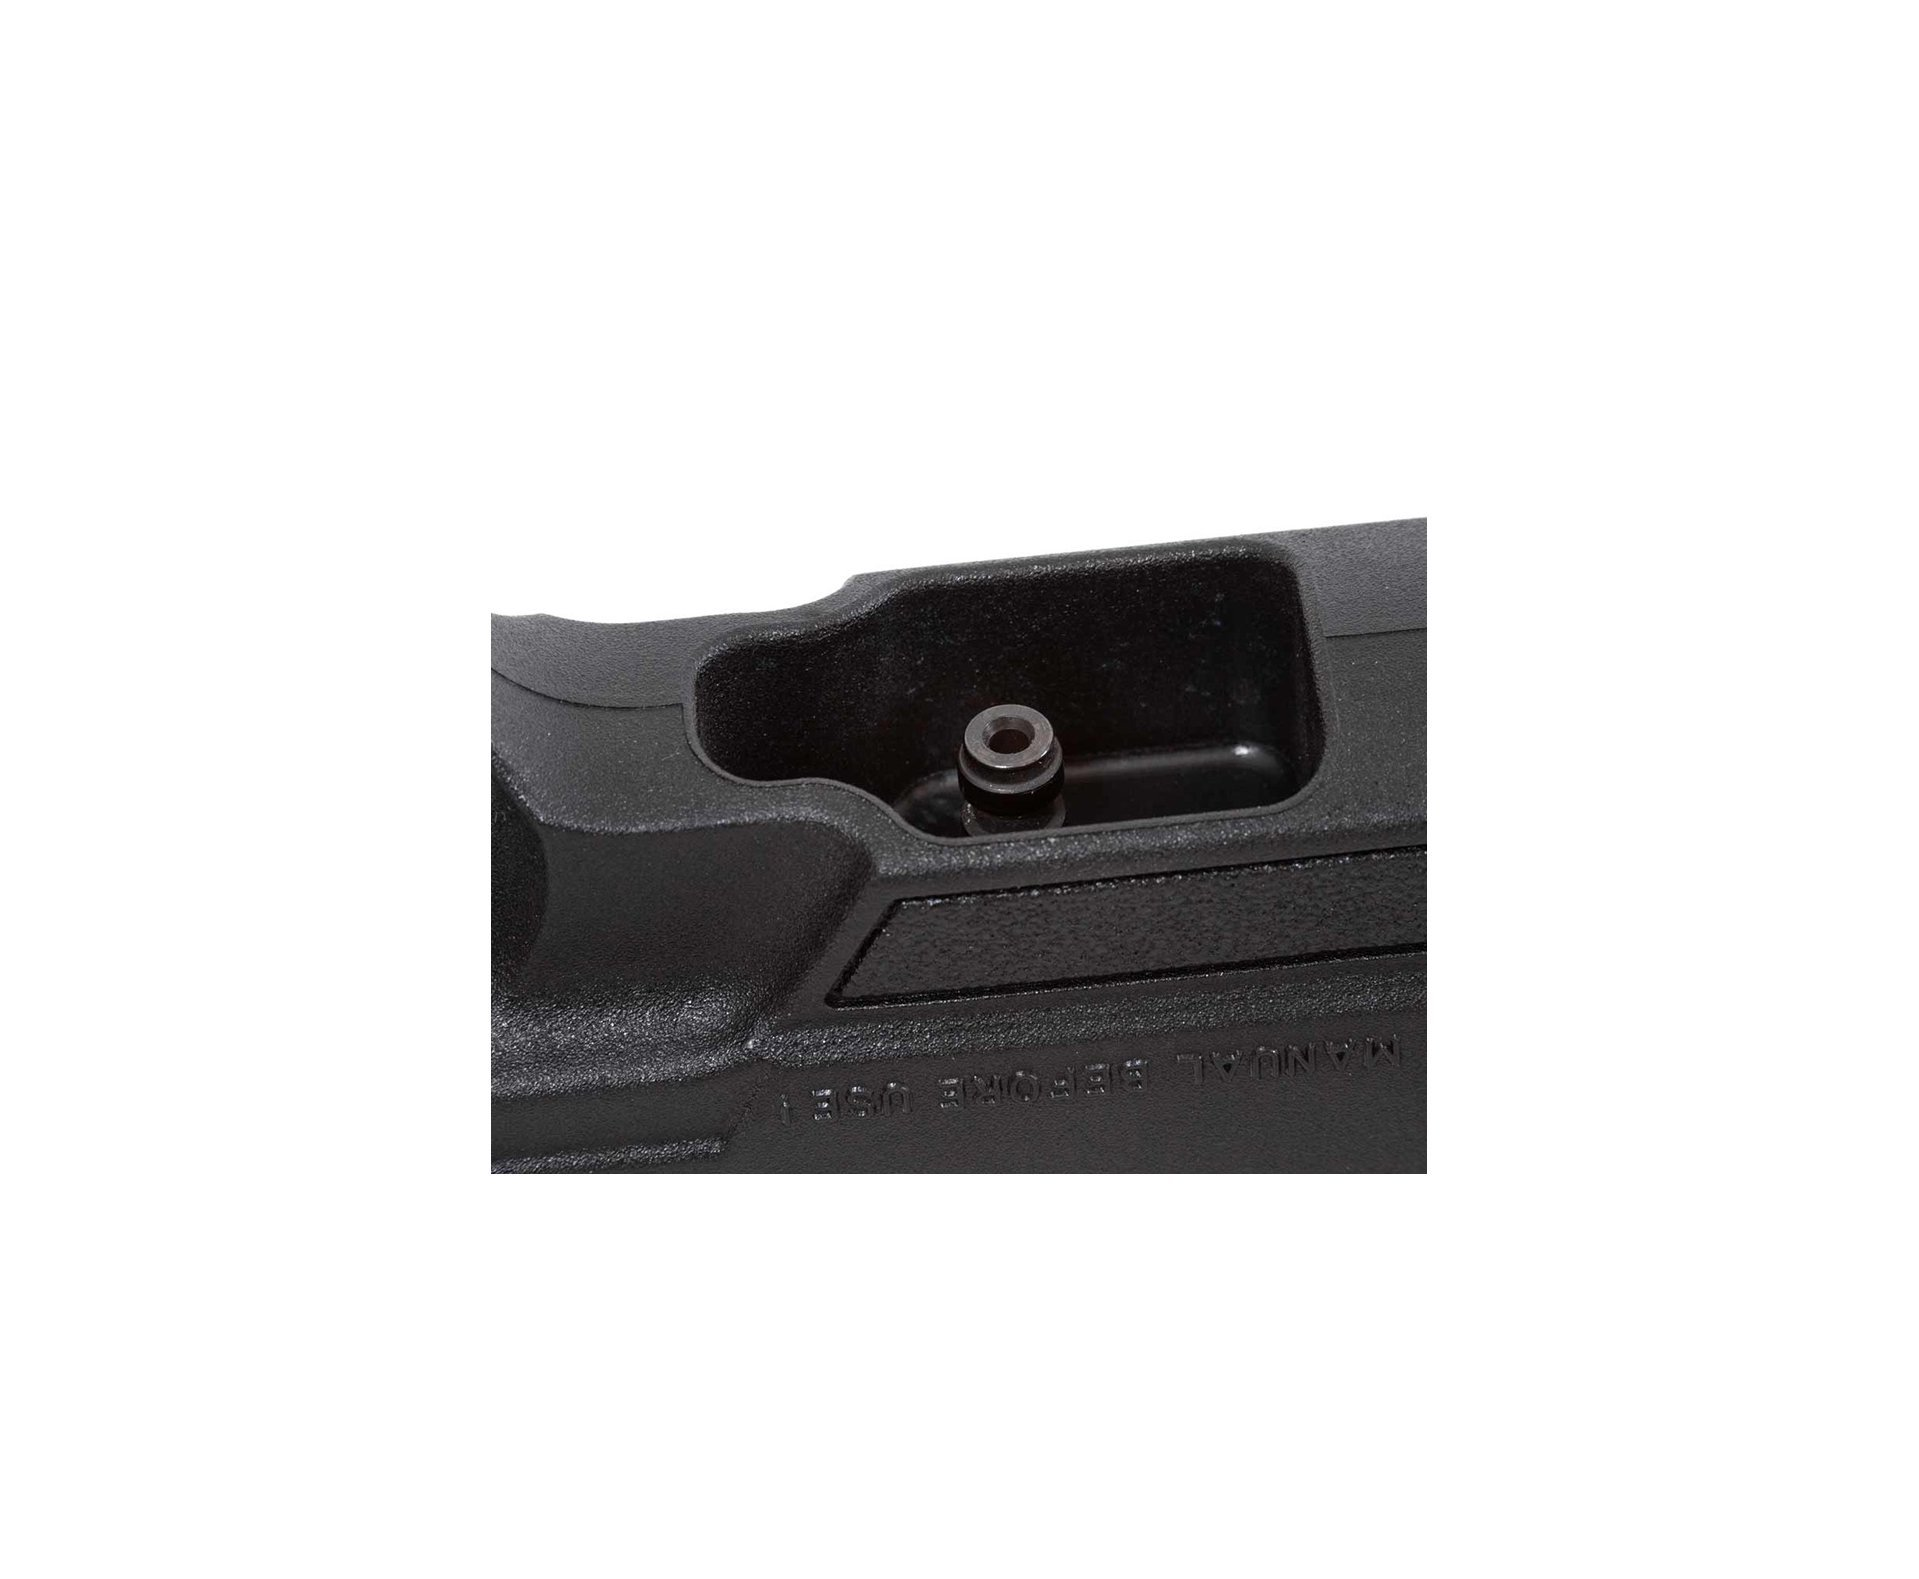 Artefato de Pressão PCP MX8 Evoc Black Regulated 5.5mm Aselkon